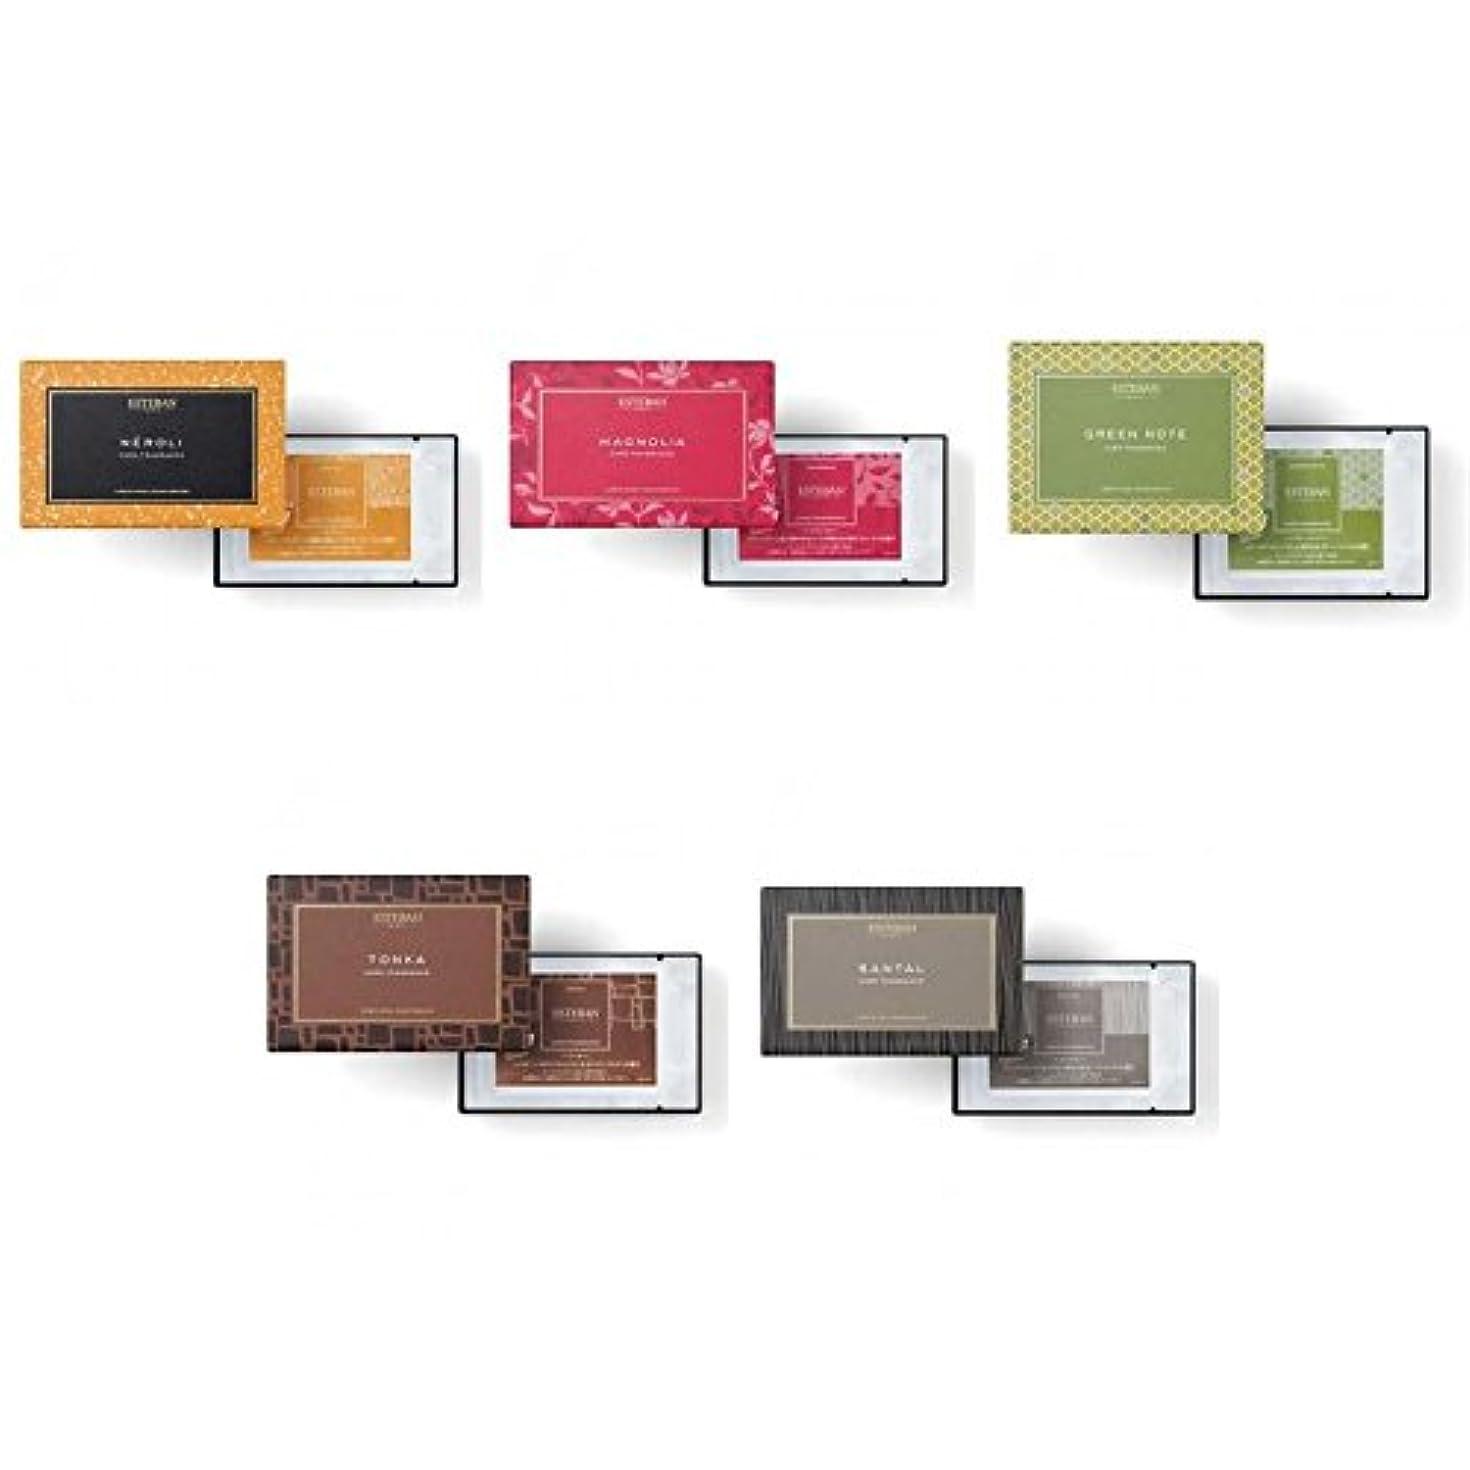 凍るマディソン貼り直すエステバン カードフレグランス 5種セット